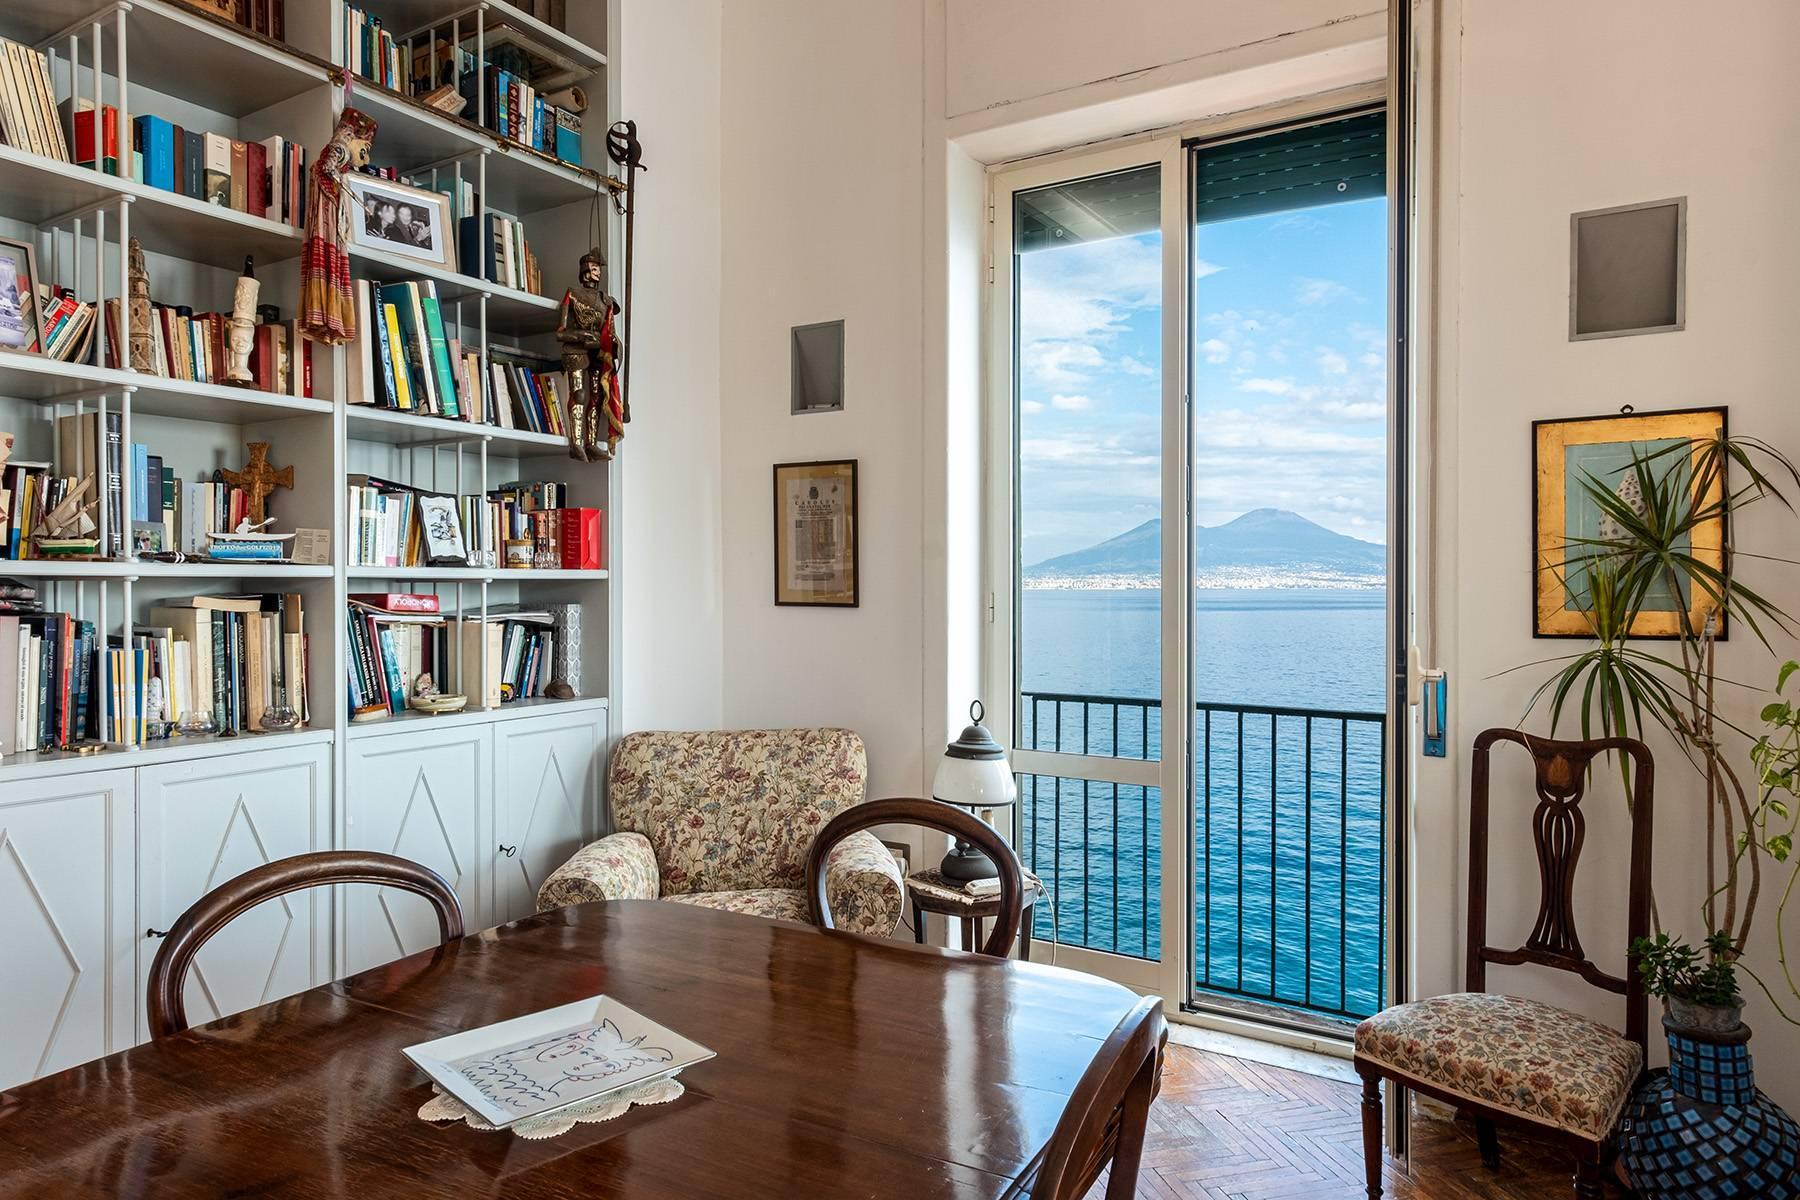 Первая линия моря! Потрясающие апартаменты в старинной вилле в Неаполе, Италия - 21